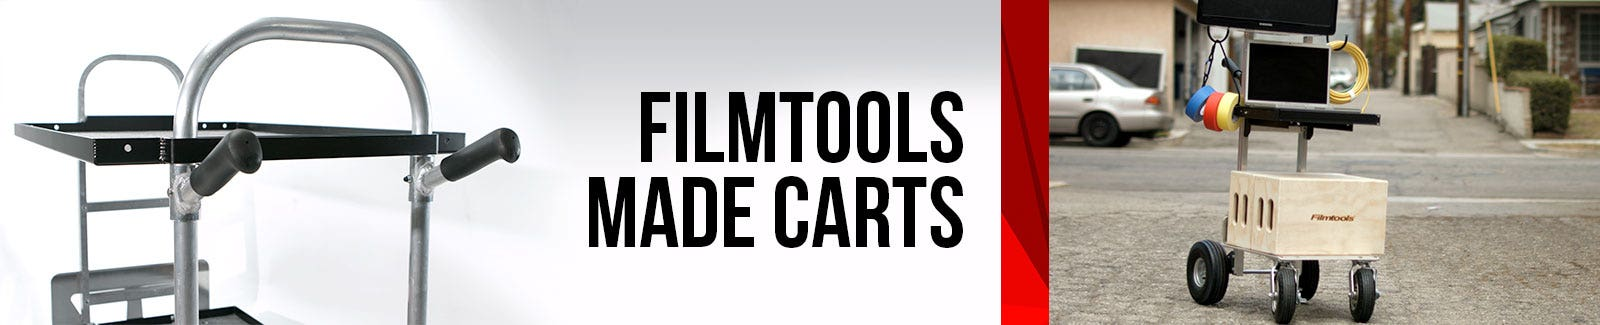 Filmtools Carts Exclusives